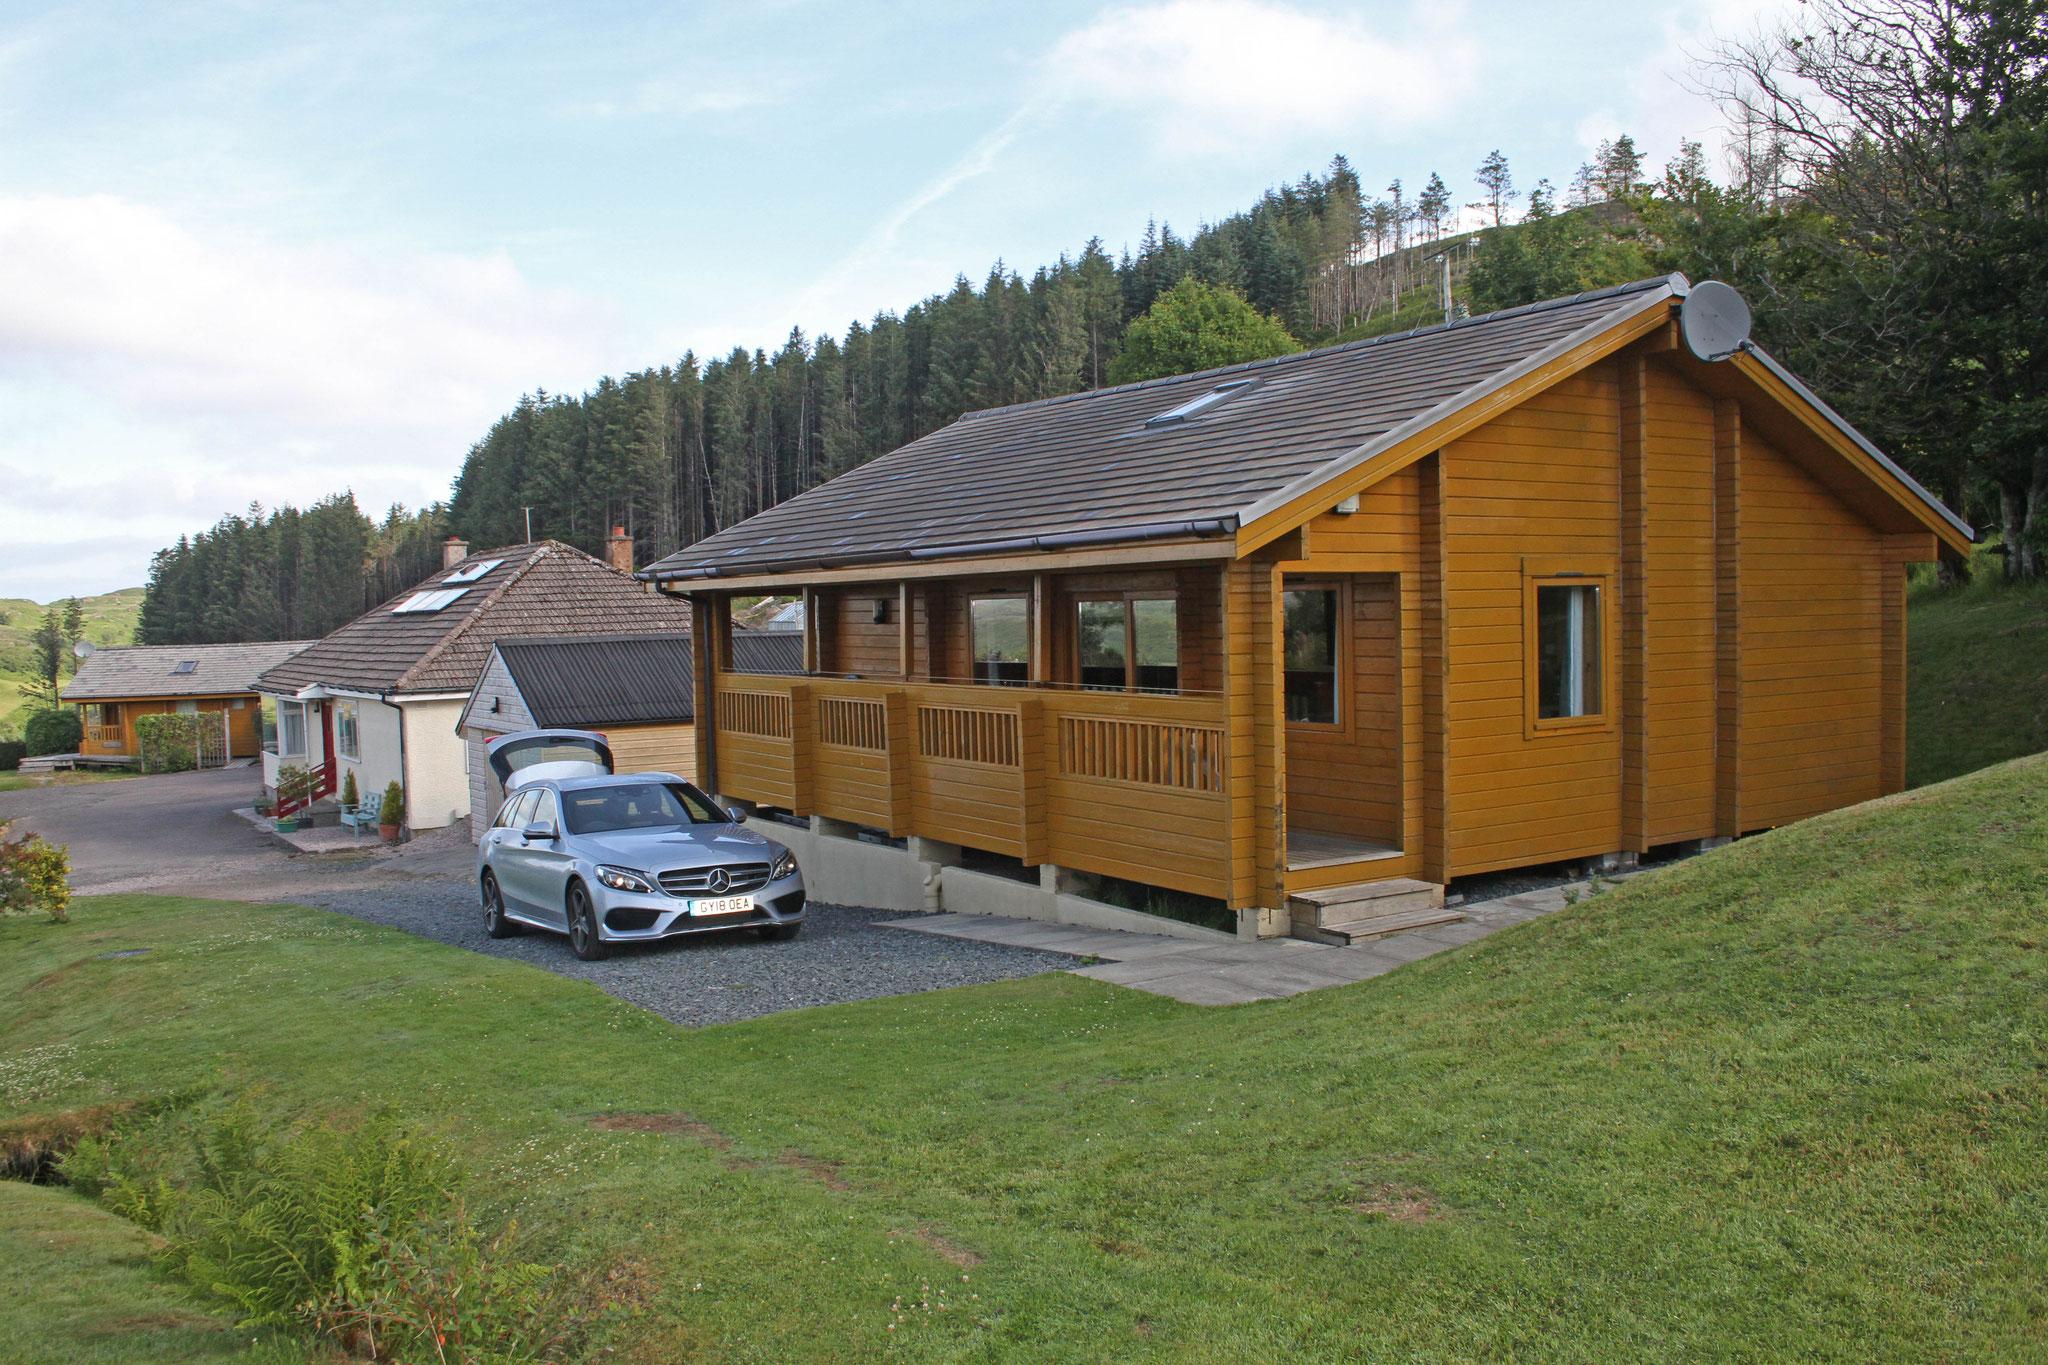 ... und logieren in der Cill Mhoire Lodge in einem geräumigen und komfortablen Holzbungalow.